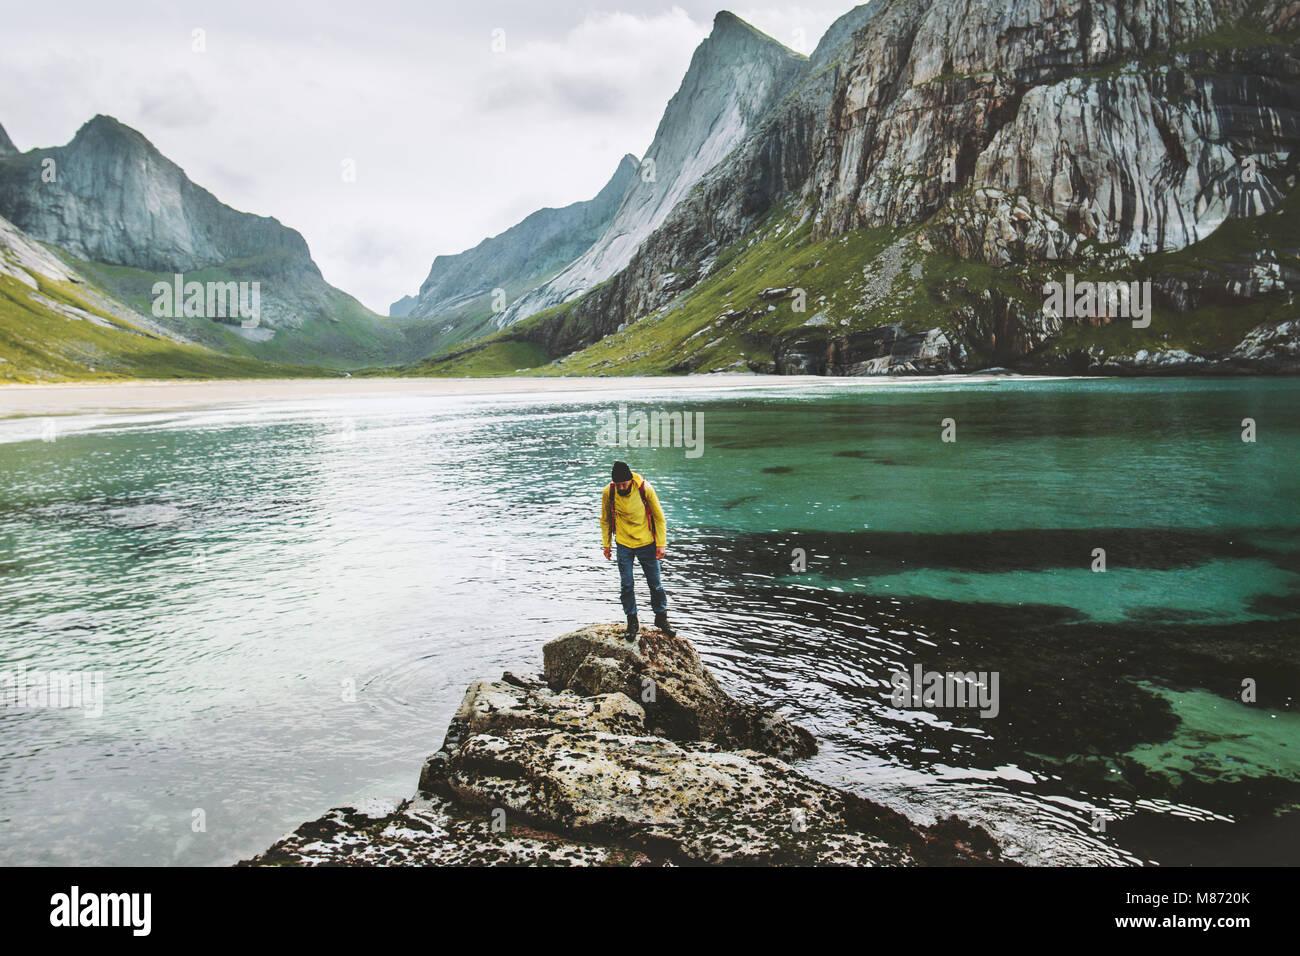 Reisende Mann stand allein auf dem Meer Stein Reisen lifestyle Abenteuer Konzept Abenteuer Outdoor Aktiv Urlaub Stockbild